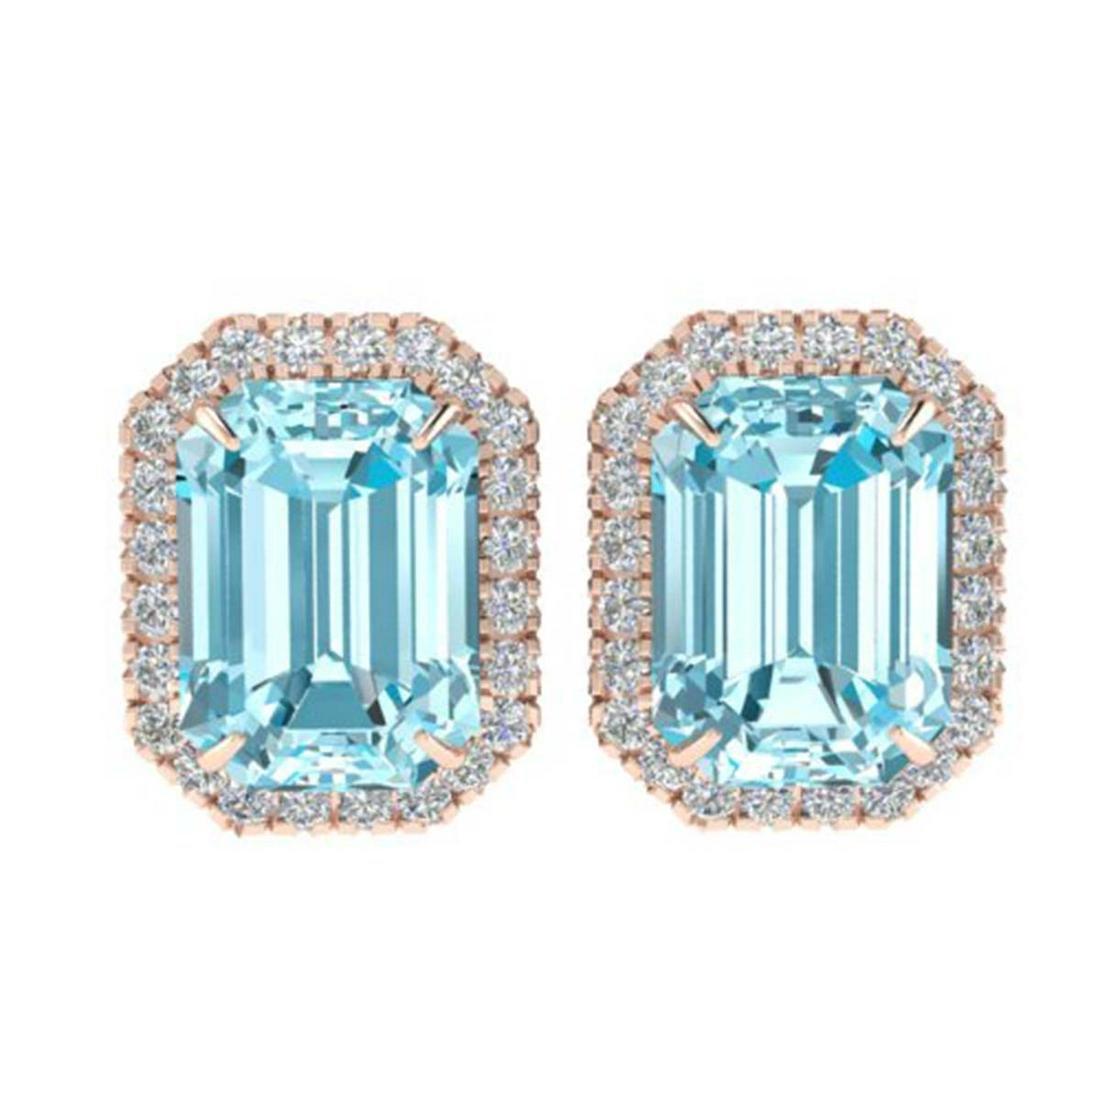 12 ctw Sky Blue Topaz And Diamond Earrings 14K Rose